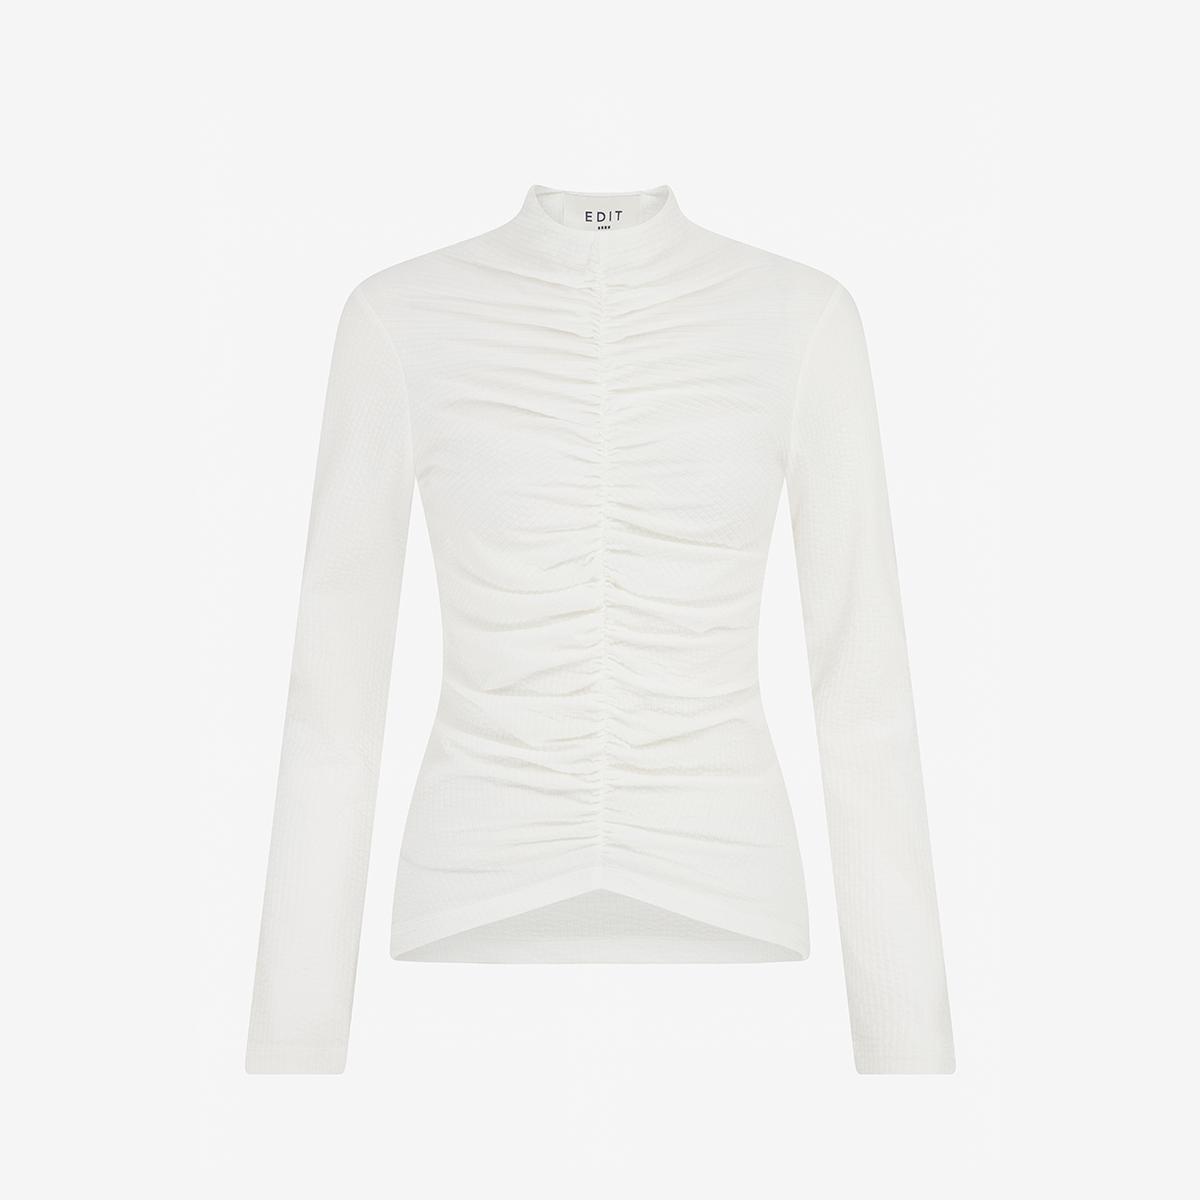 White womenswear turtle neck on white background